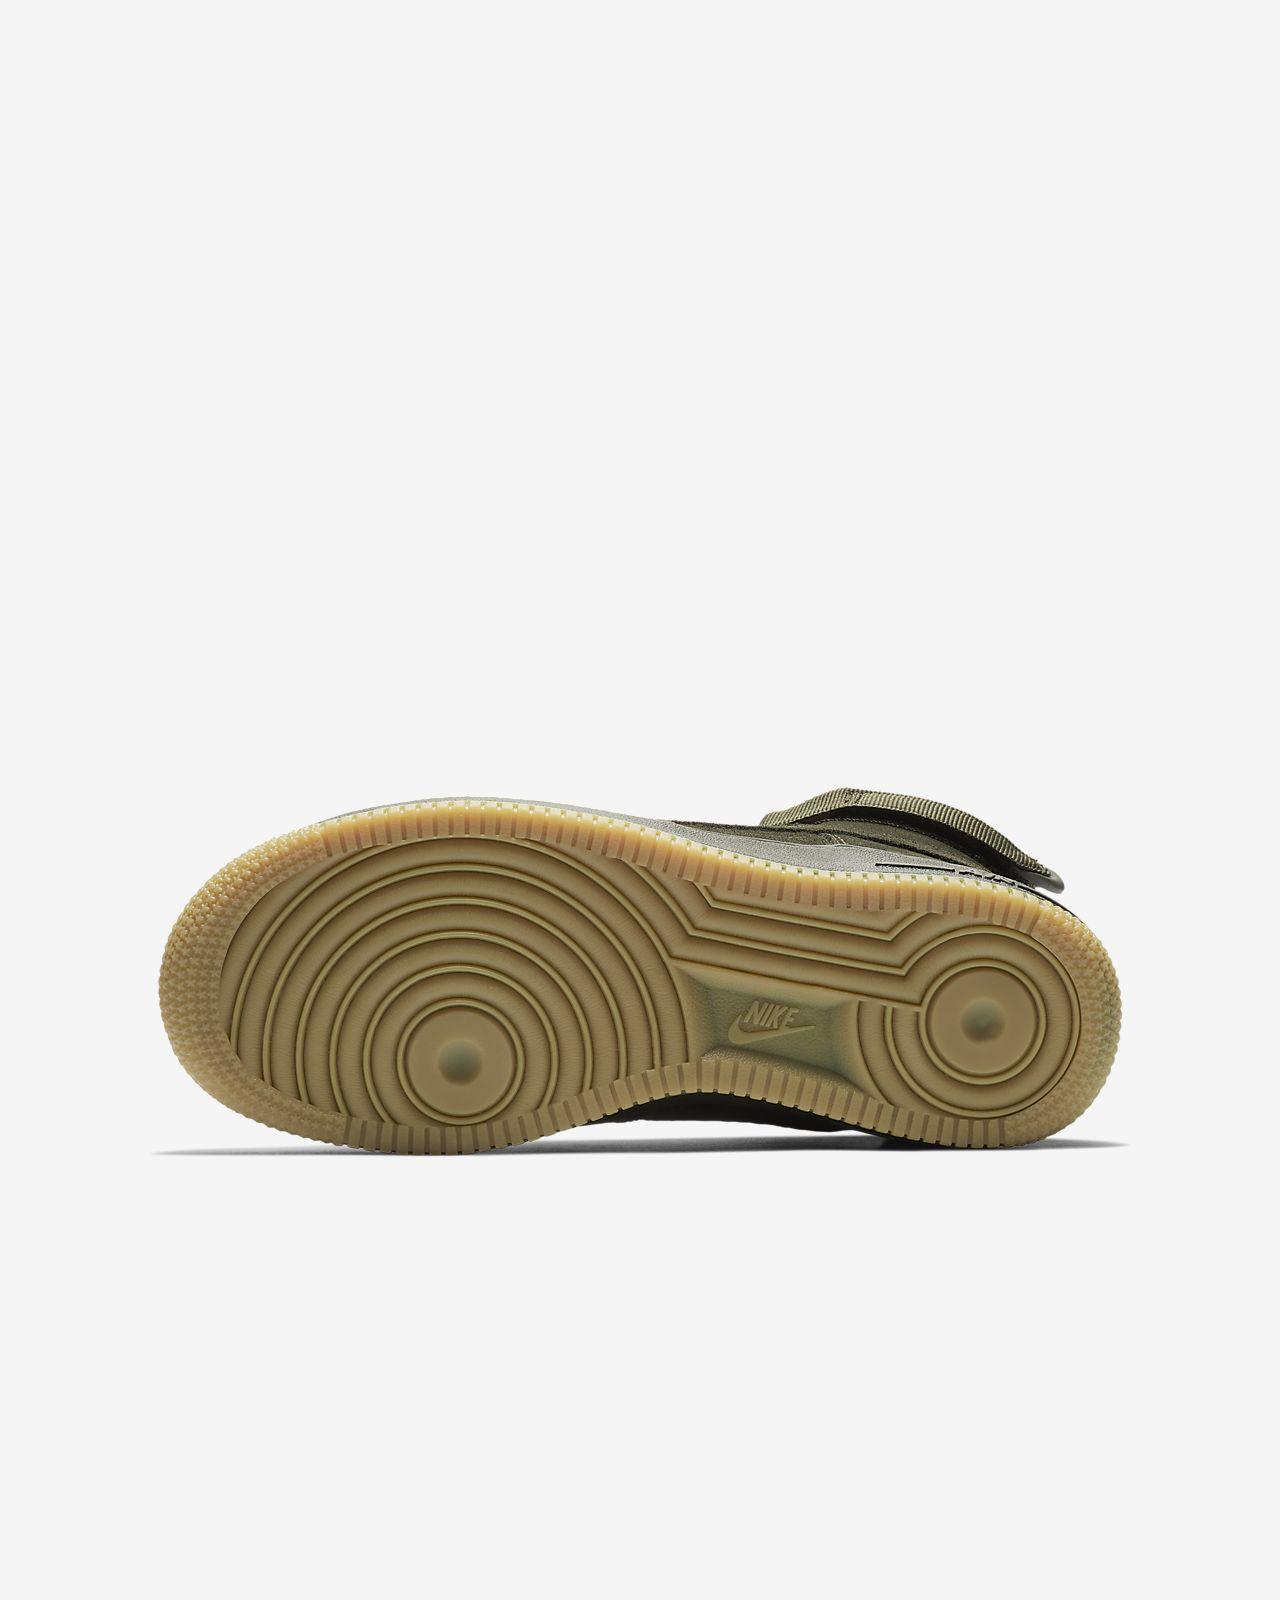 ef5dce3755ed8 Bota Nike Air Force 1 High LV8 pro větší děti. Nike.com CZ